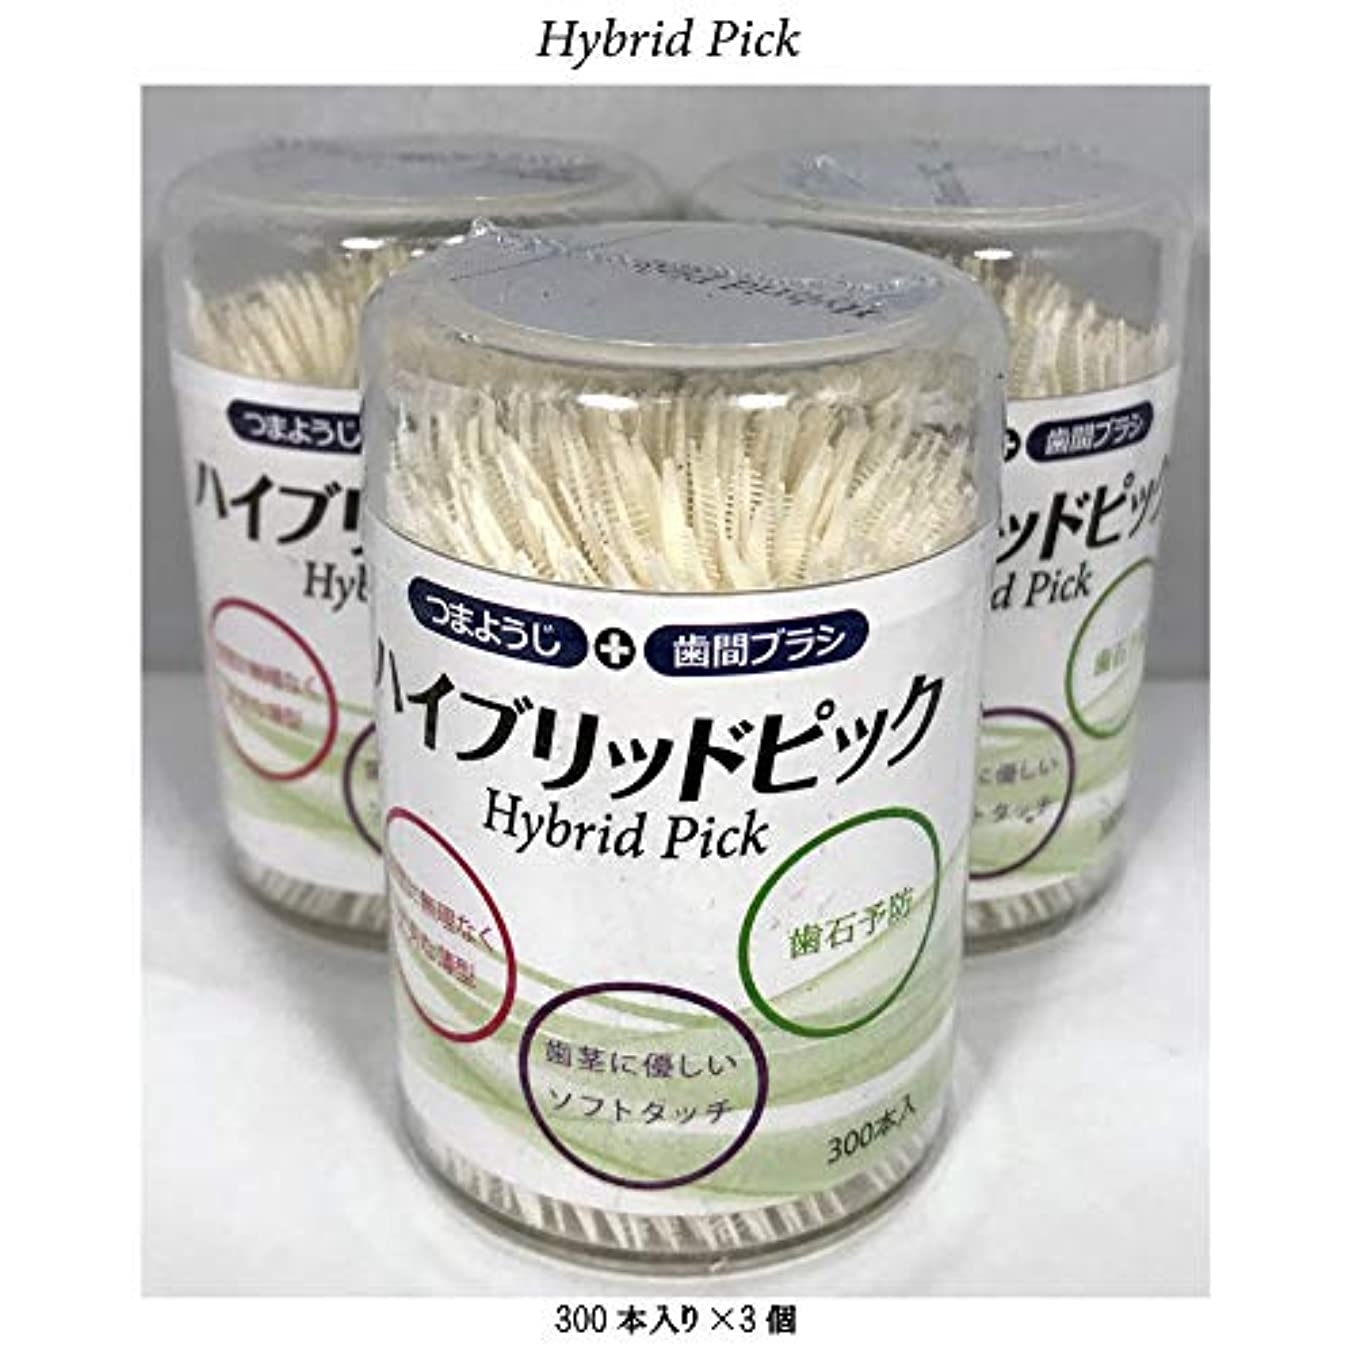 平方散歩扇動Hybryid Pick ハイブリッドピック 300本入り3個セット [並行輸入品]